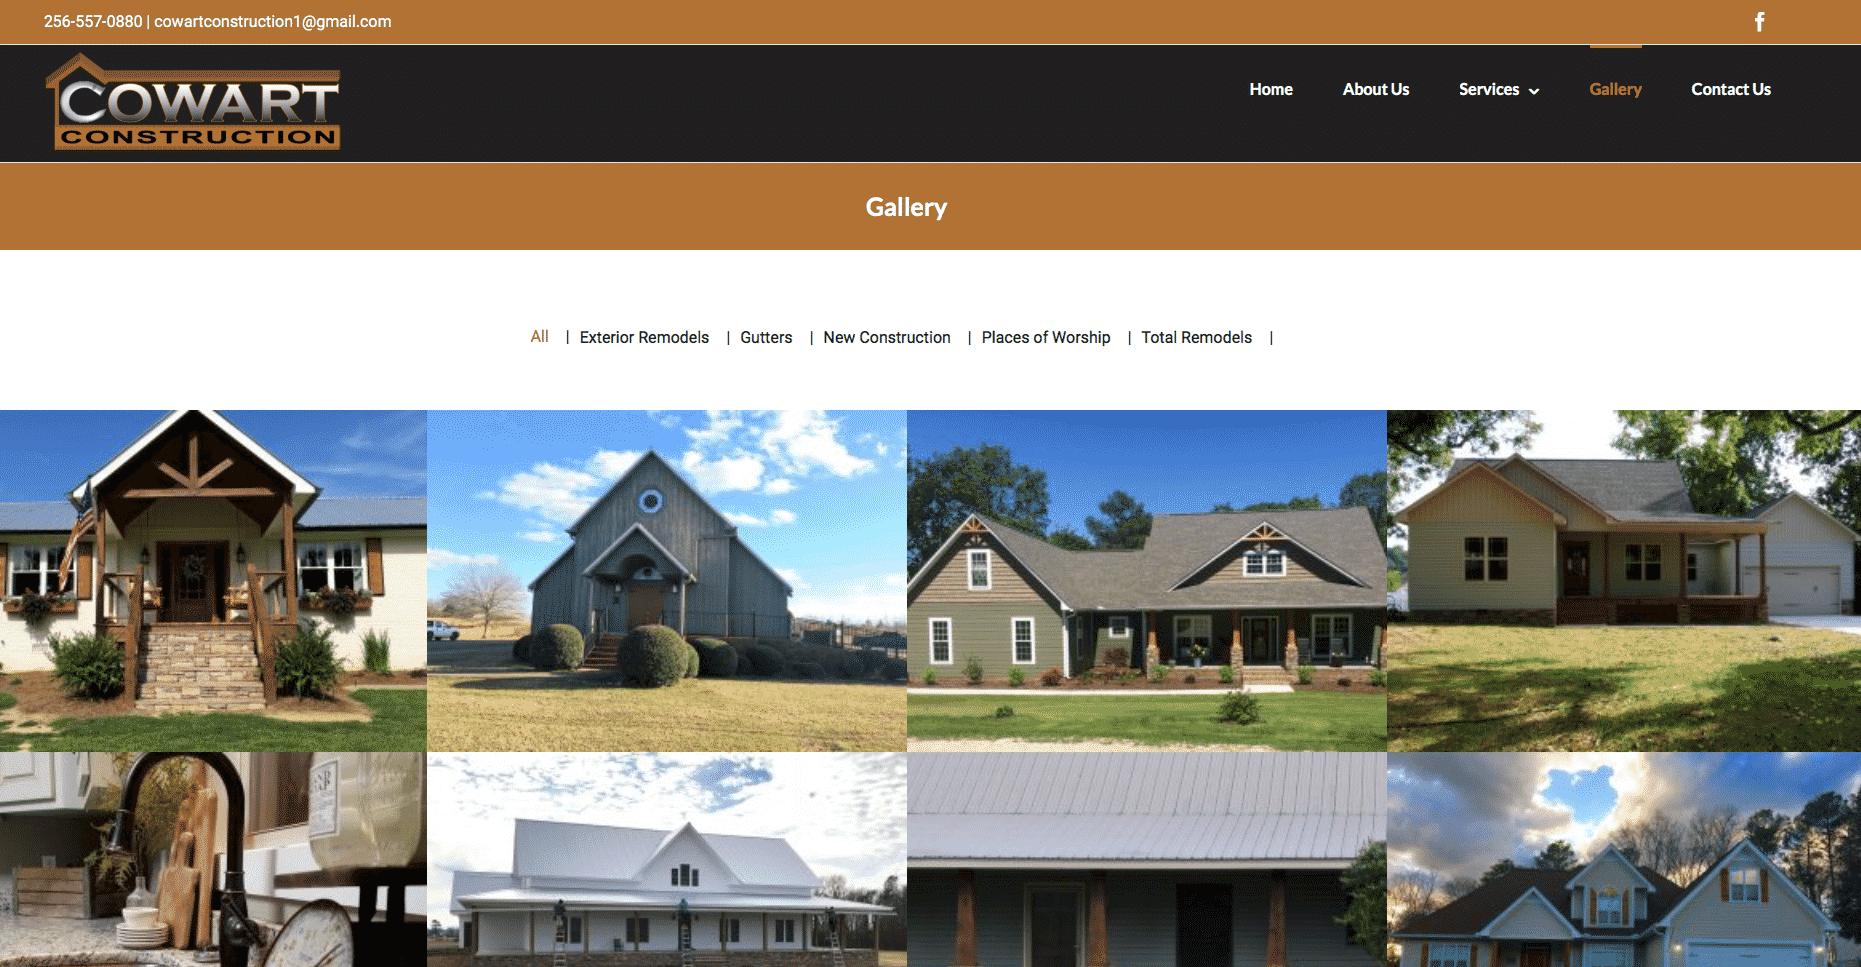 Cowart Construction